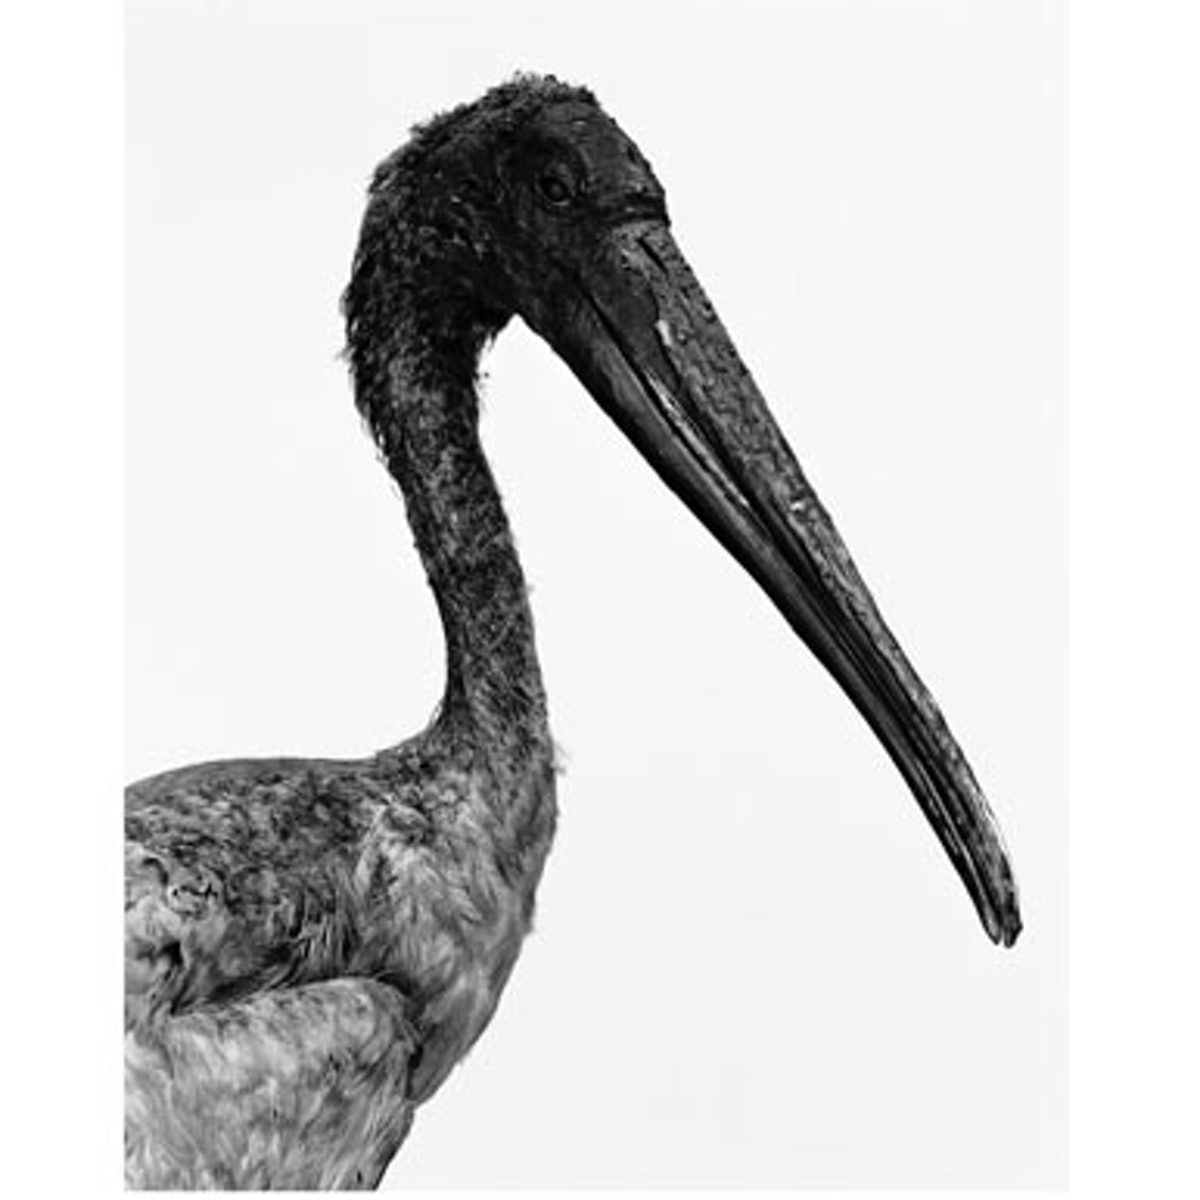 blog_deyrolles_pelican.jpg